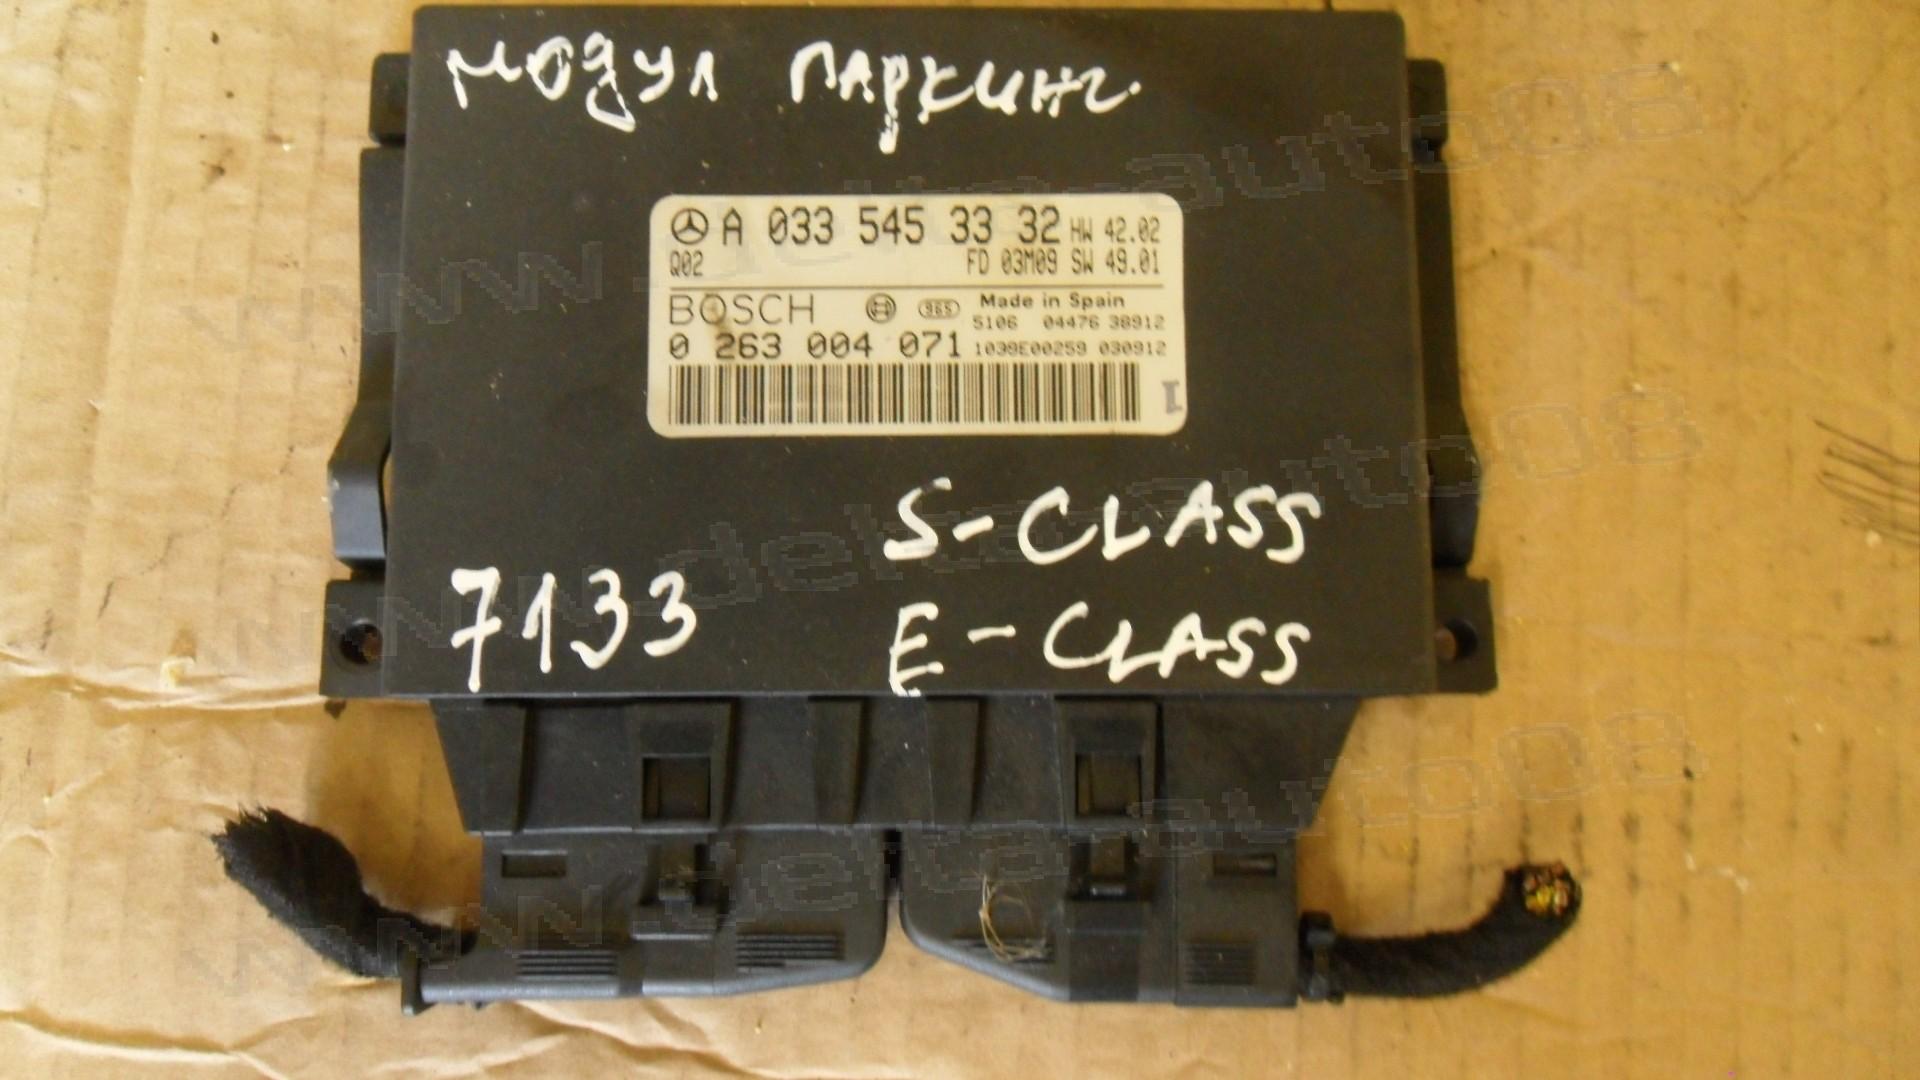 Модул парктроник за Mercedes S-Class, E-Class, 2003-2006г., A 033 545 33 32, A0335453332, 0 263 004 071, A2118206185